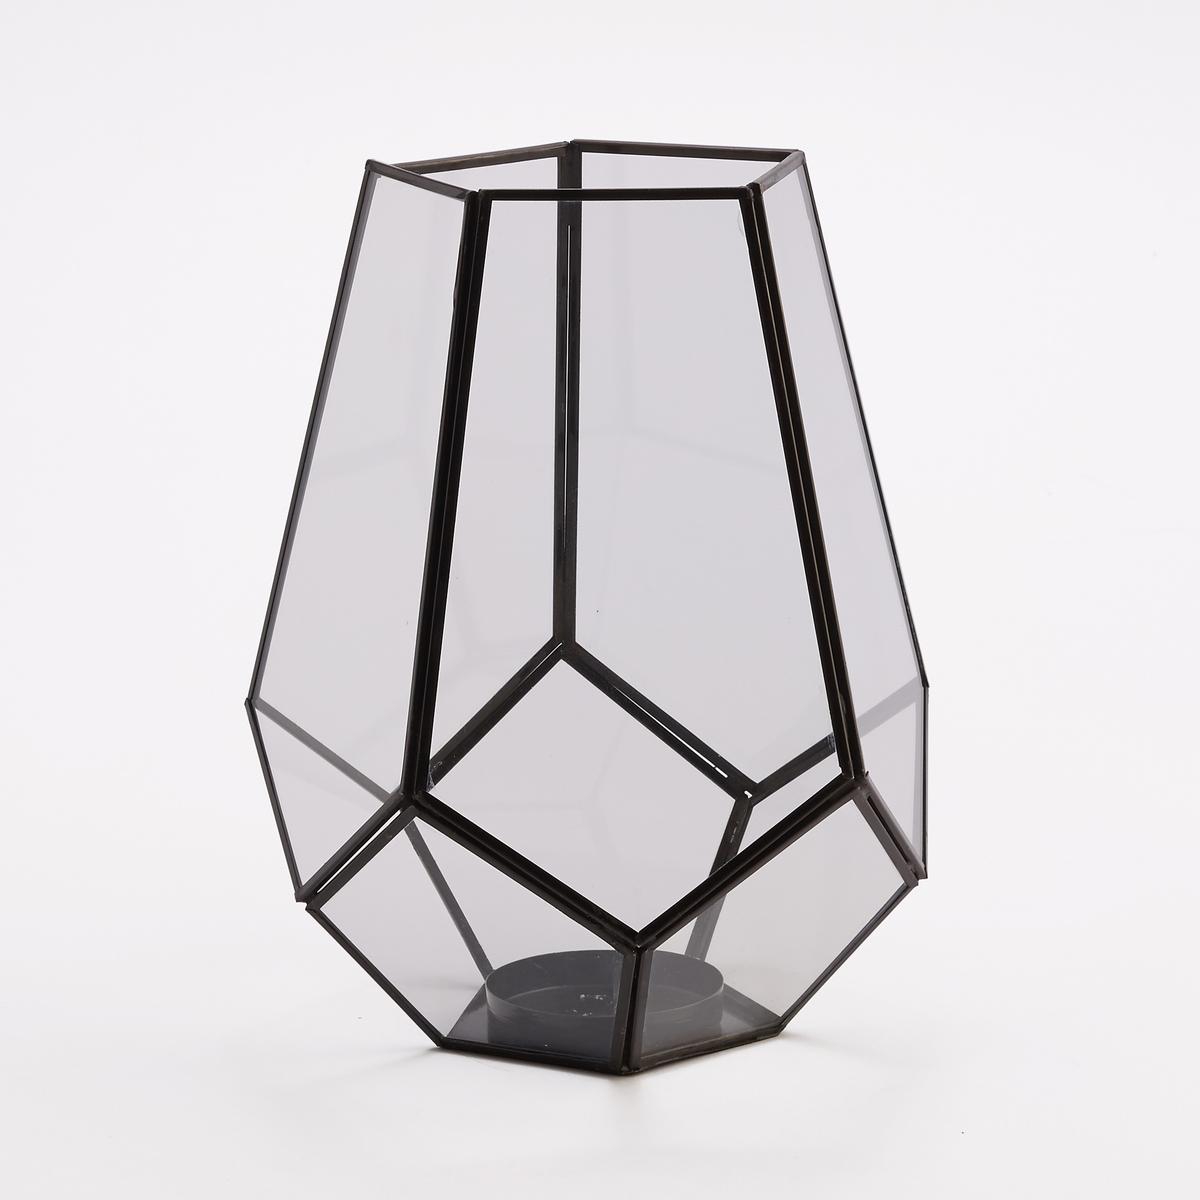 Колпак для свечи декоративный черный, Gaudenz<br><br>Цвет: черный металл